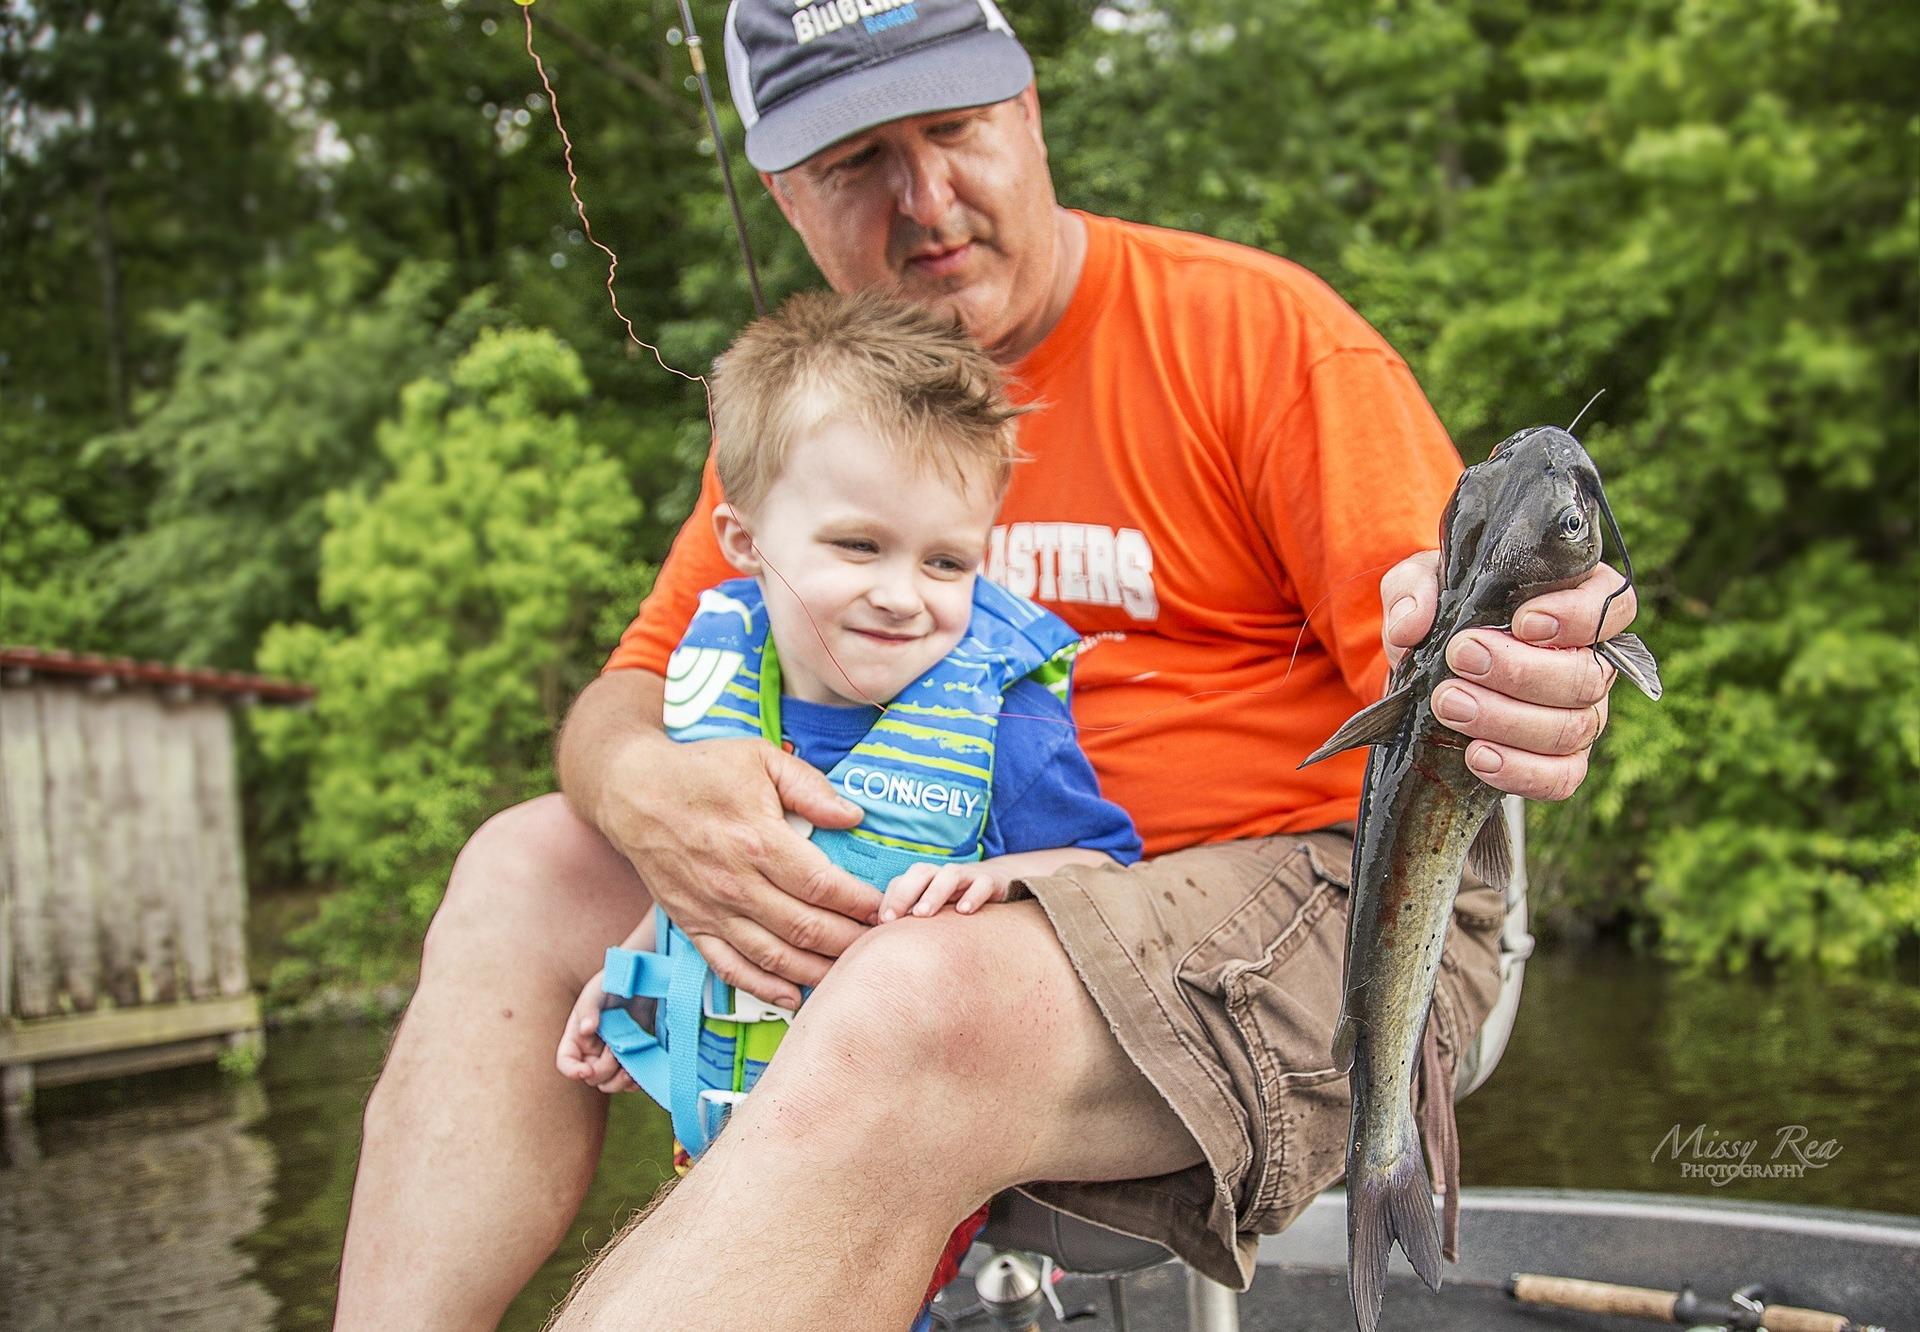 Mládež ve znalosti Rybářského řádu strčí veterány do kapsy. Přesto potřebují následovat dobrý příklad